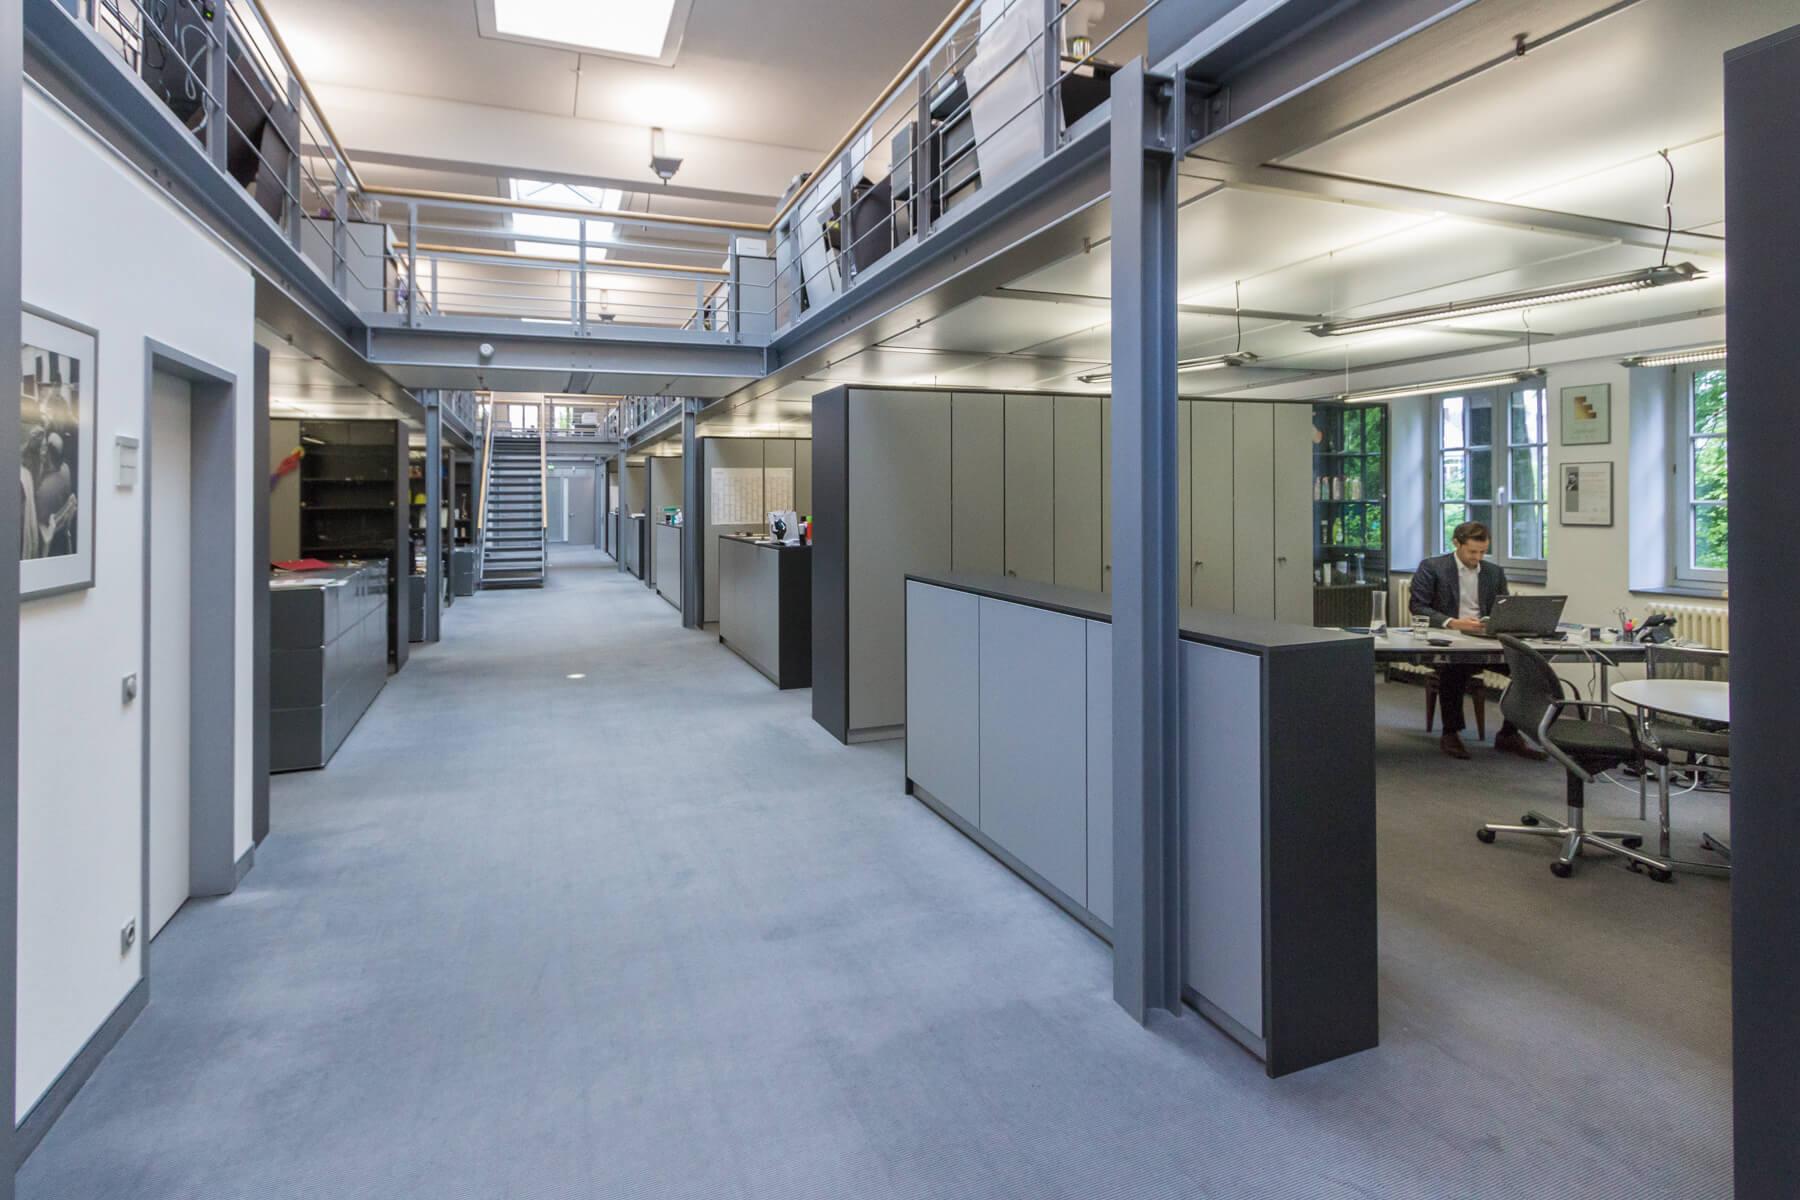 Digitale Leute - Dr. Nils Daeke - Henkel - Nils Daeke an seinem Arbeitsplatz, hier mit viel Officespace außenherum.